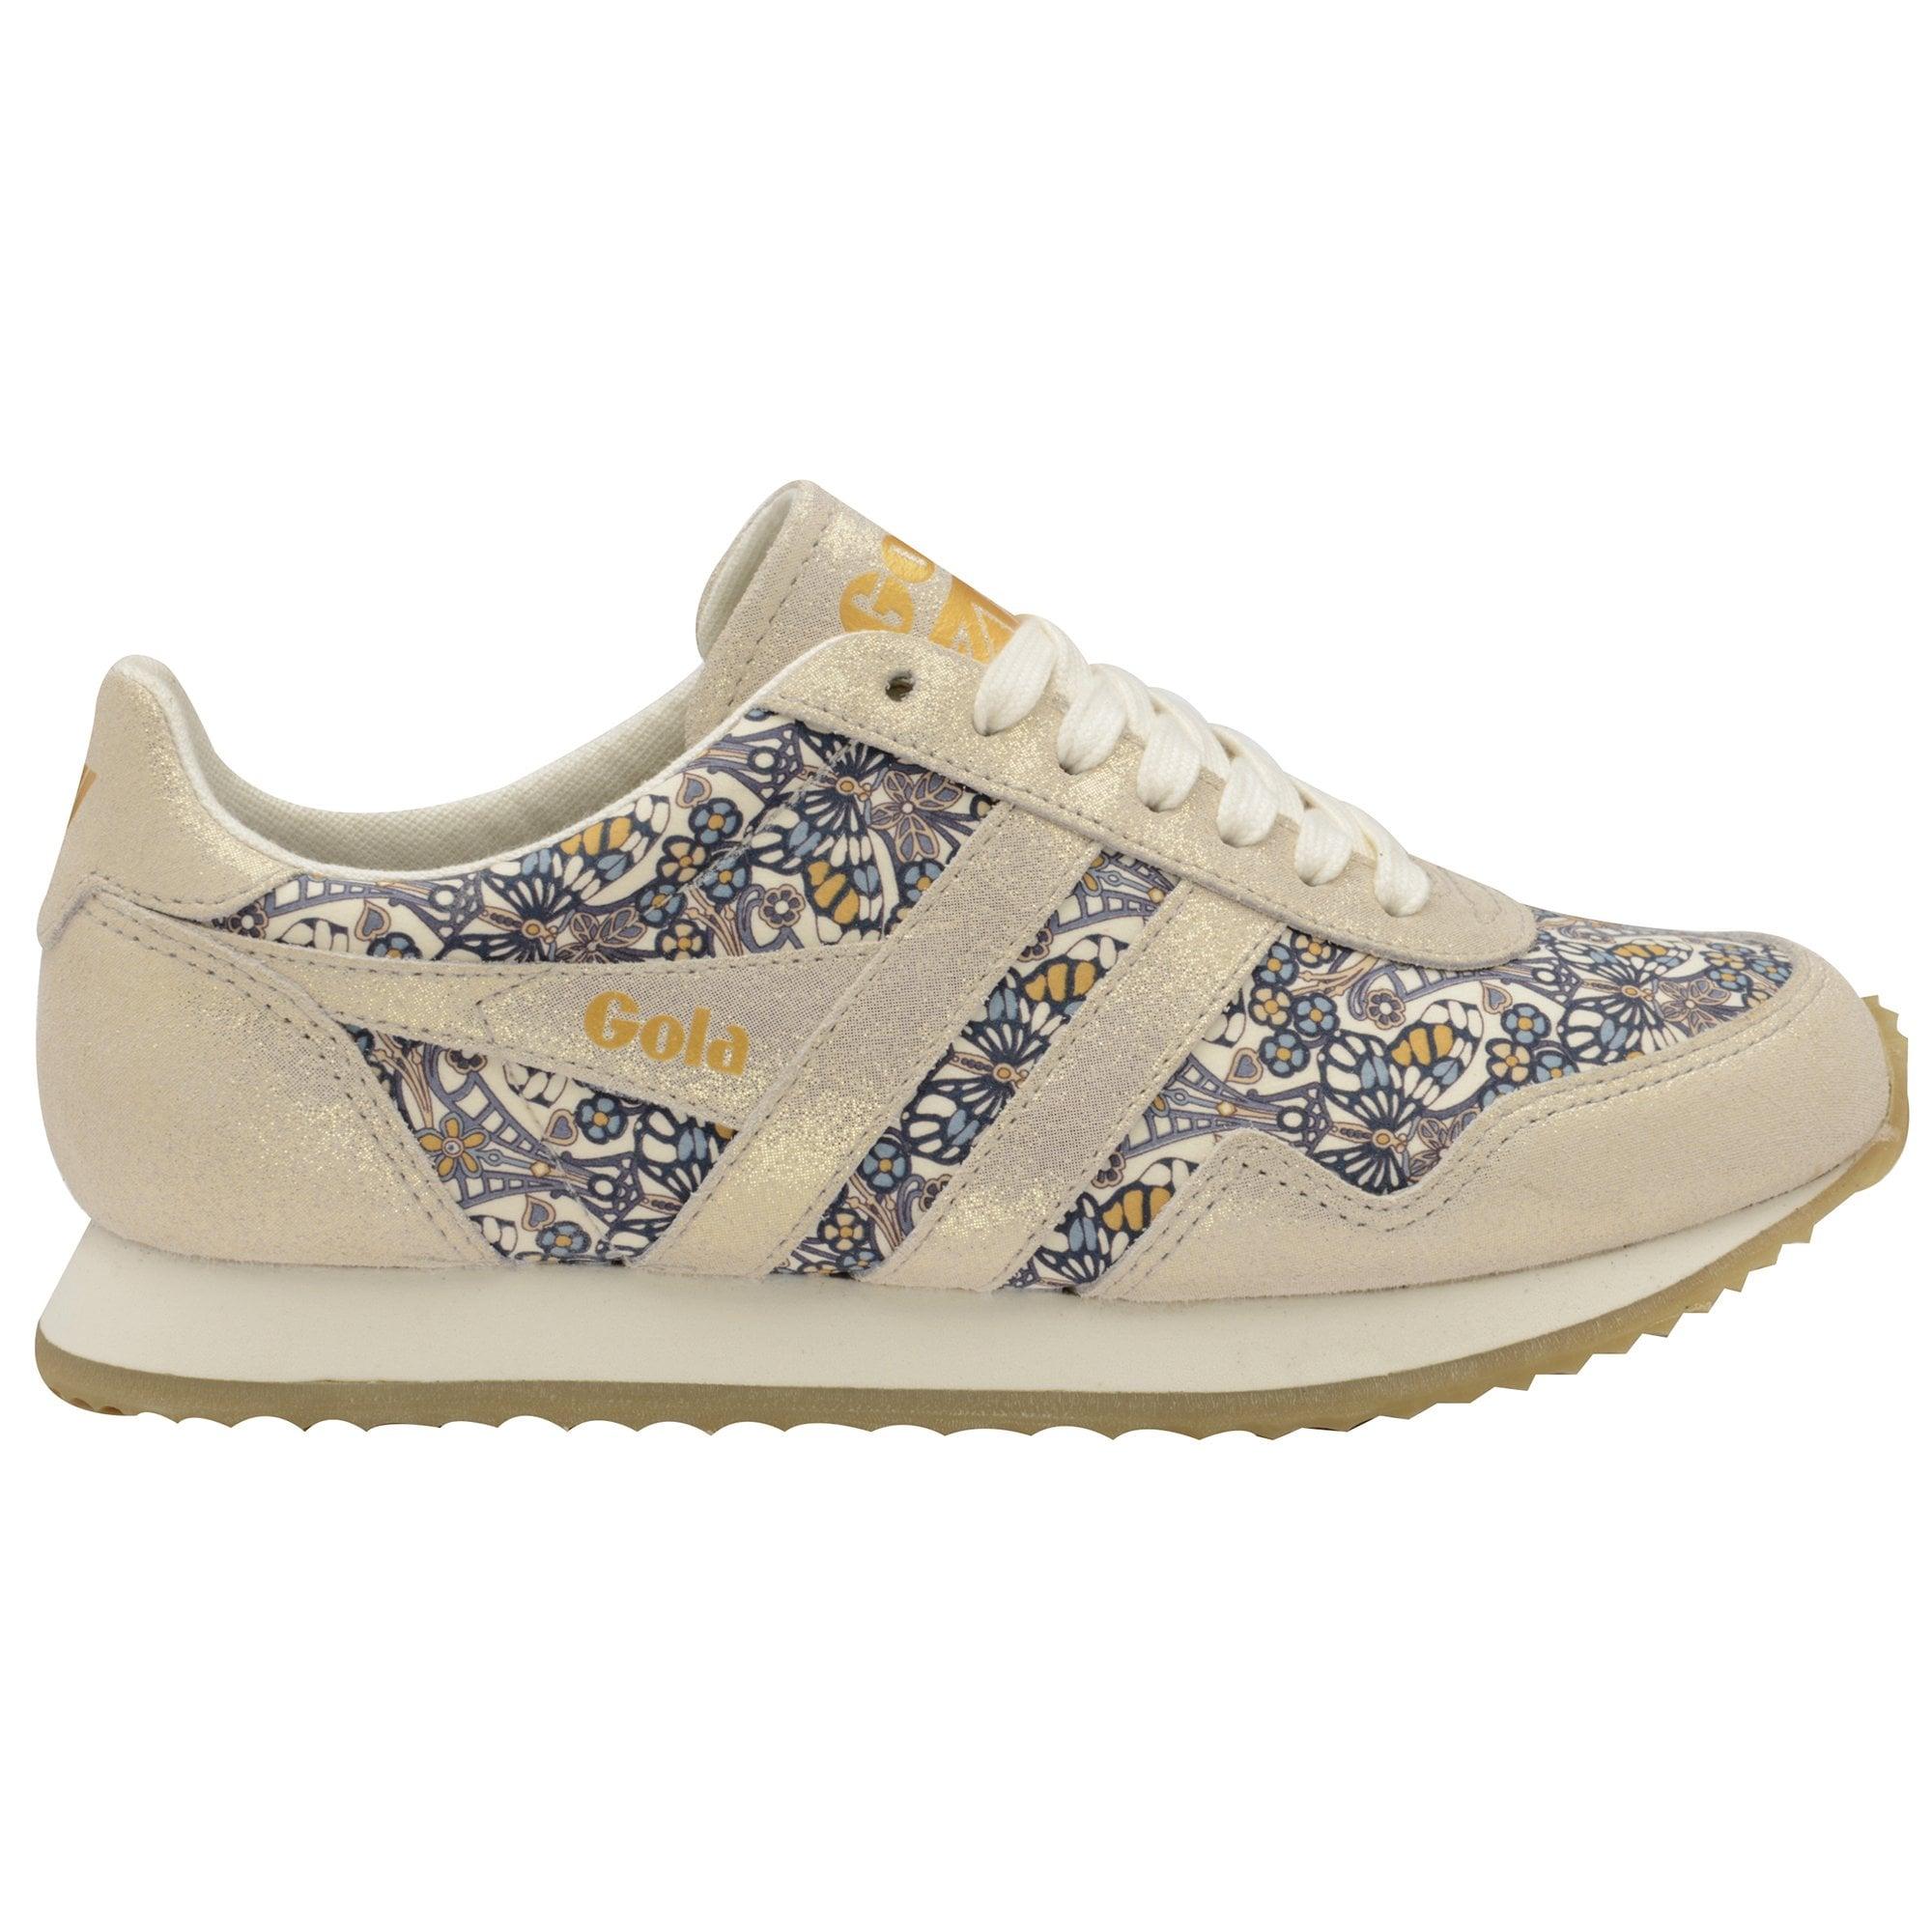 sneakers online for ladies